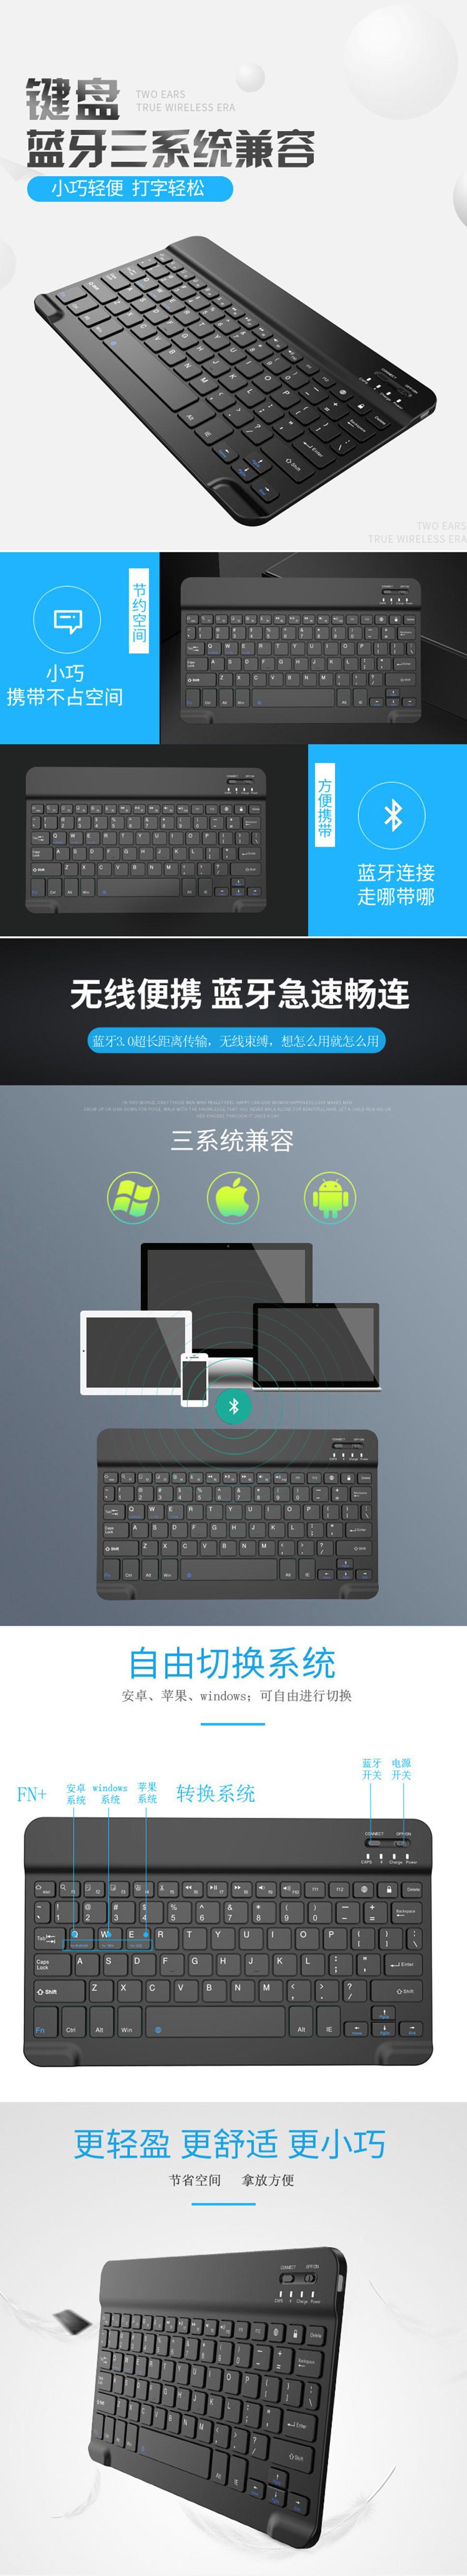 超薄蓝牙无线键盘iPad Pro 11 / 12.9 iPad Air 10.5 iPad 9.7 iPad Mini4 MINI 5 wireless Bluetooth keyboard